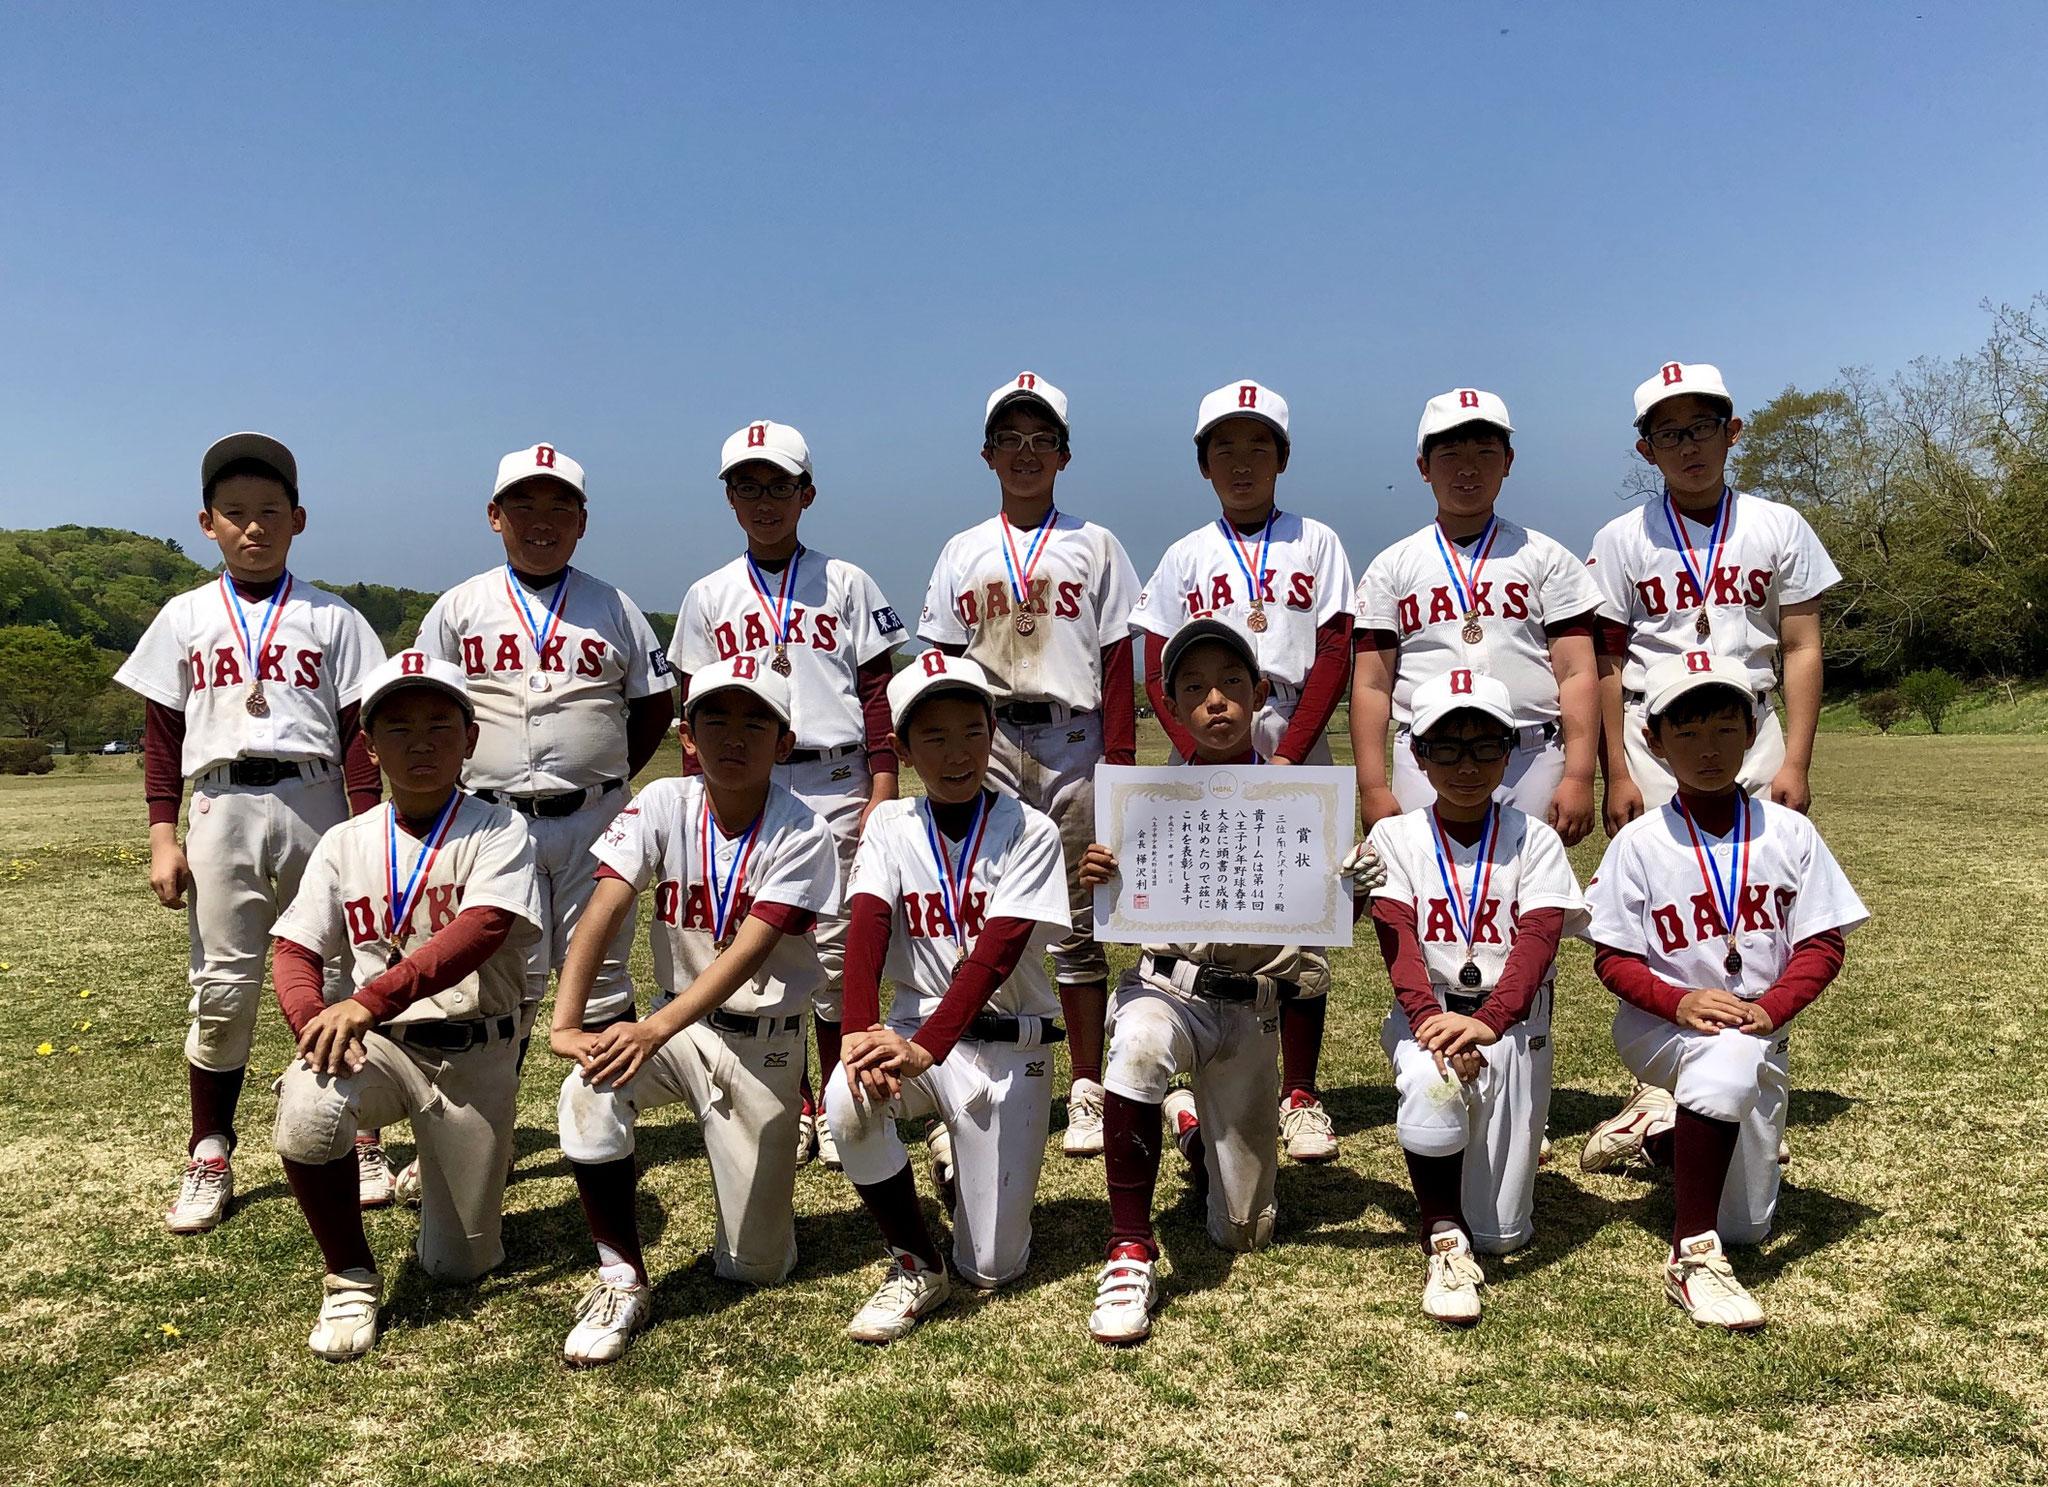 第44回 八王子市少年軟式野球春季大会・第三位 南大沢オークス 2019年4月20日